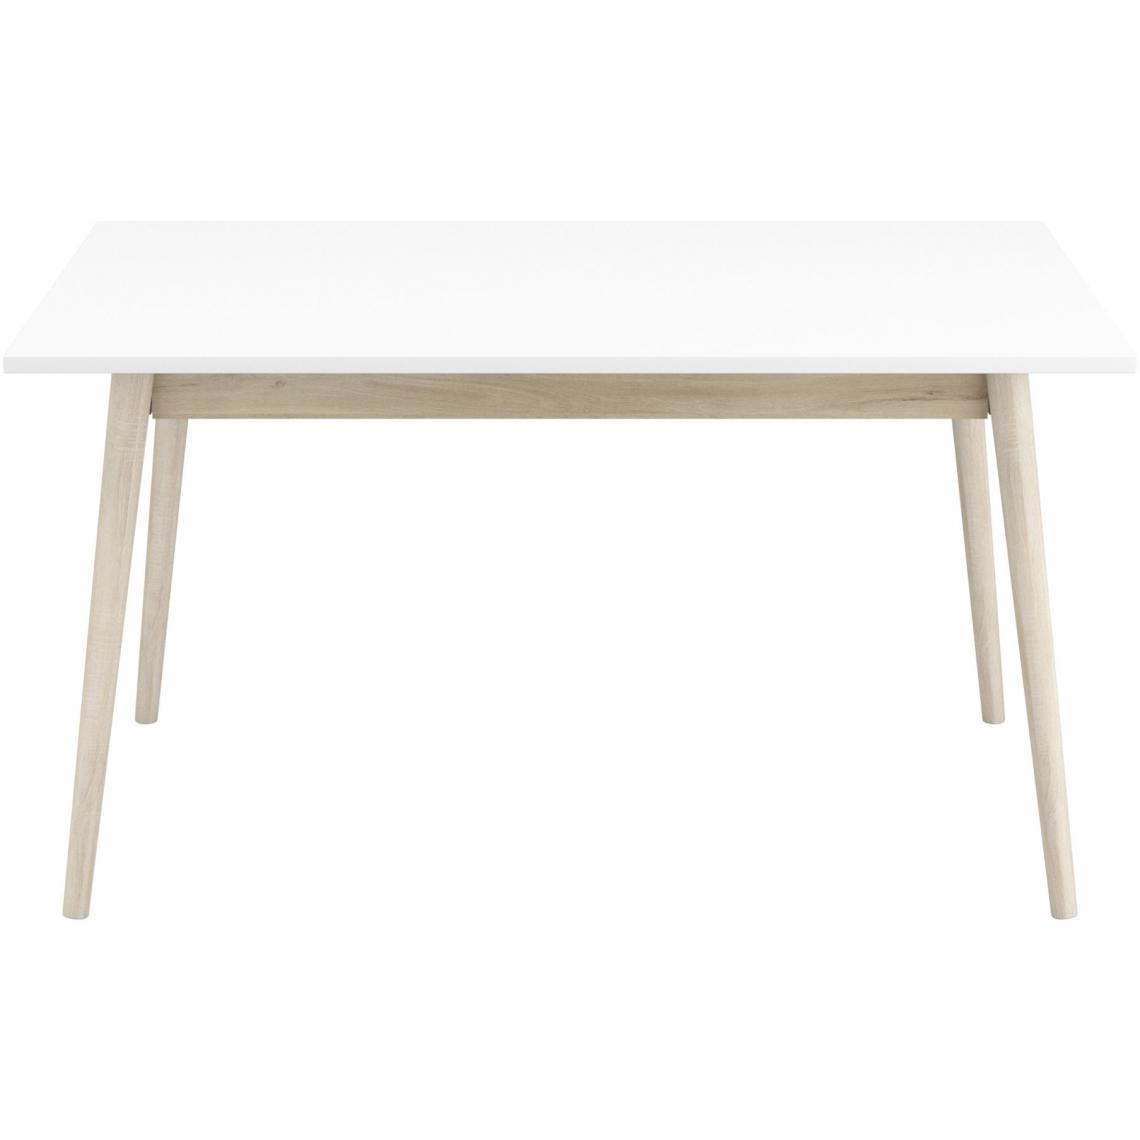 Table à Manger Beige et Blanche 140x90cm JONES   3 SUISSES